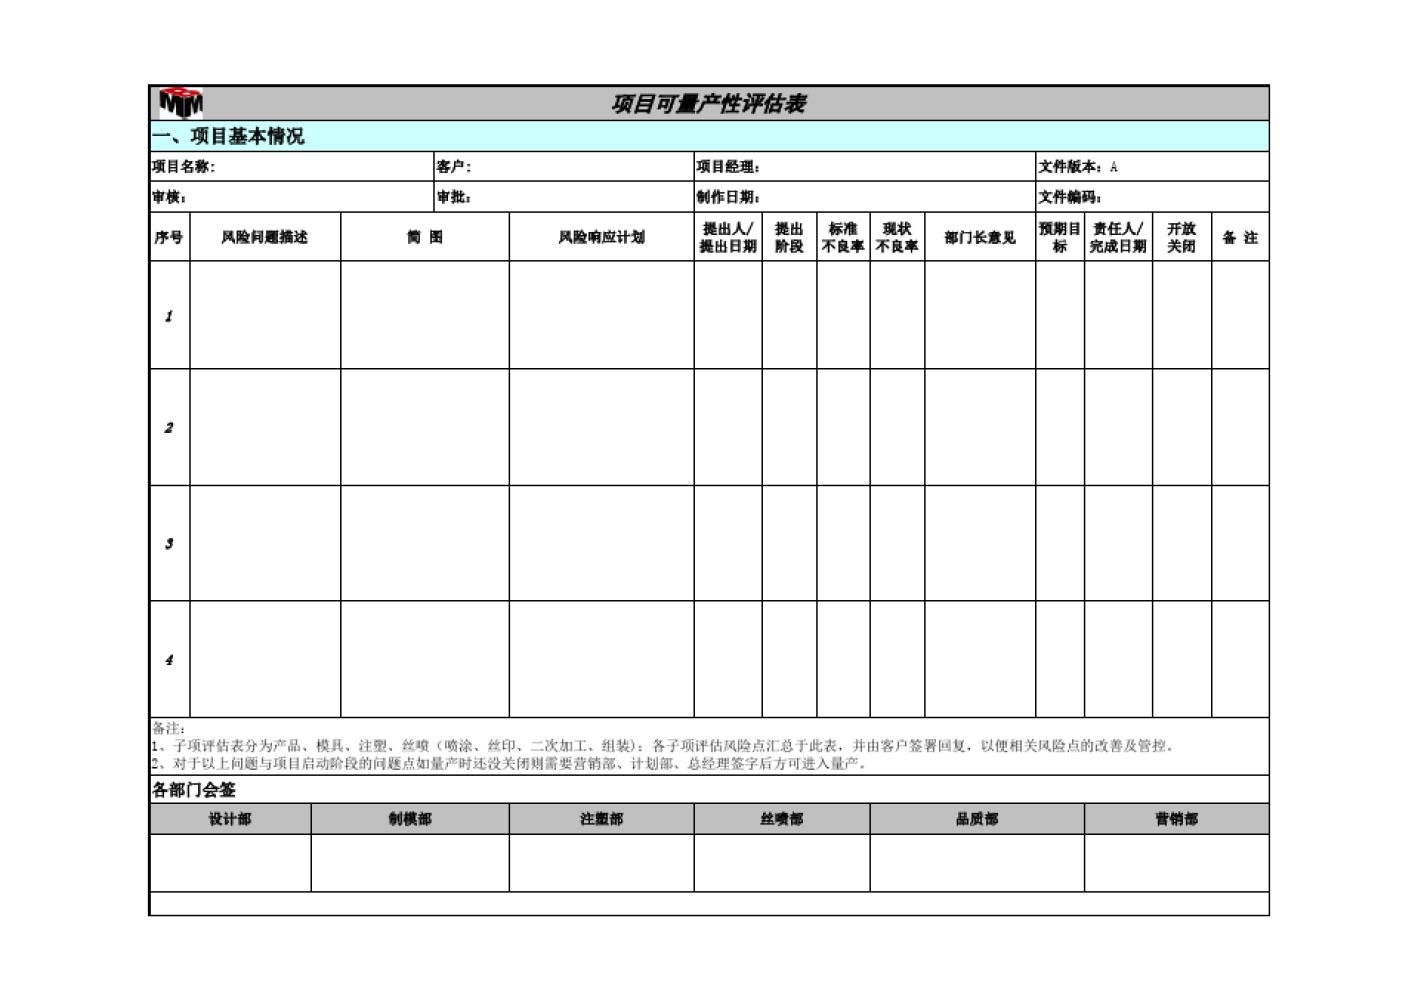 项目量产性评估表